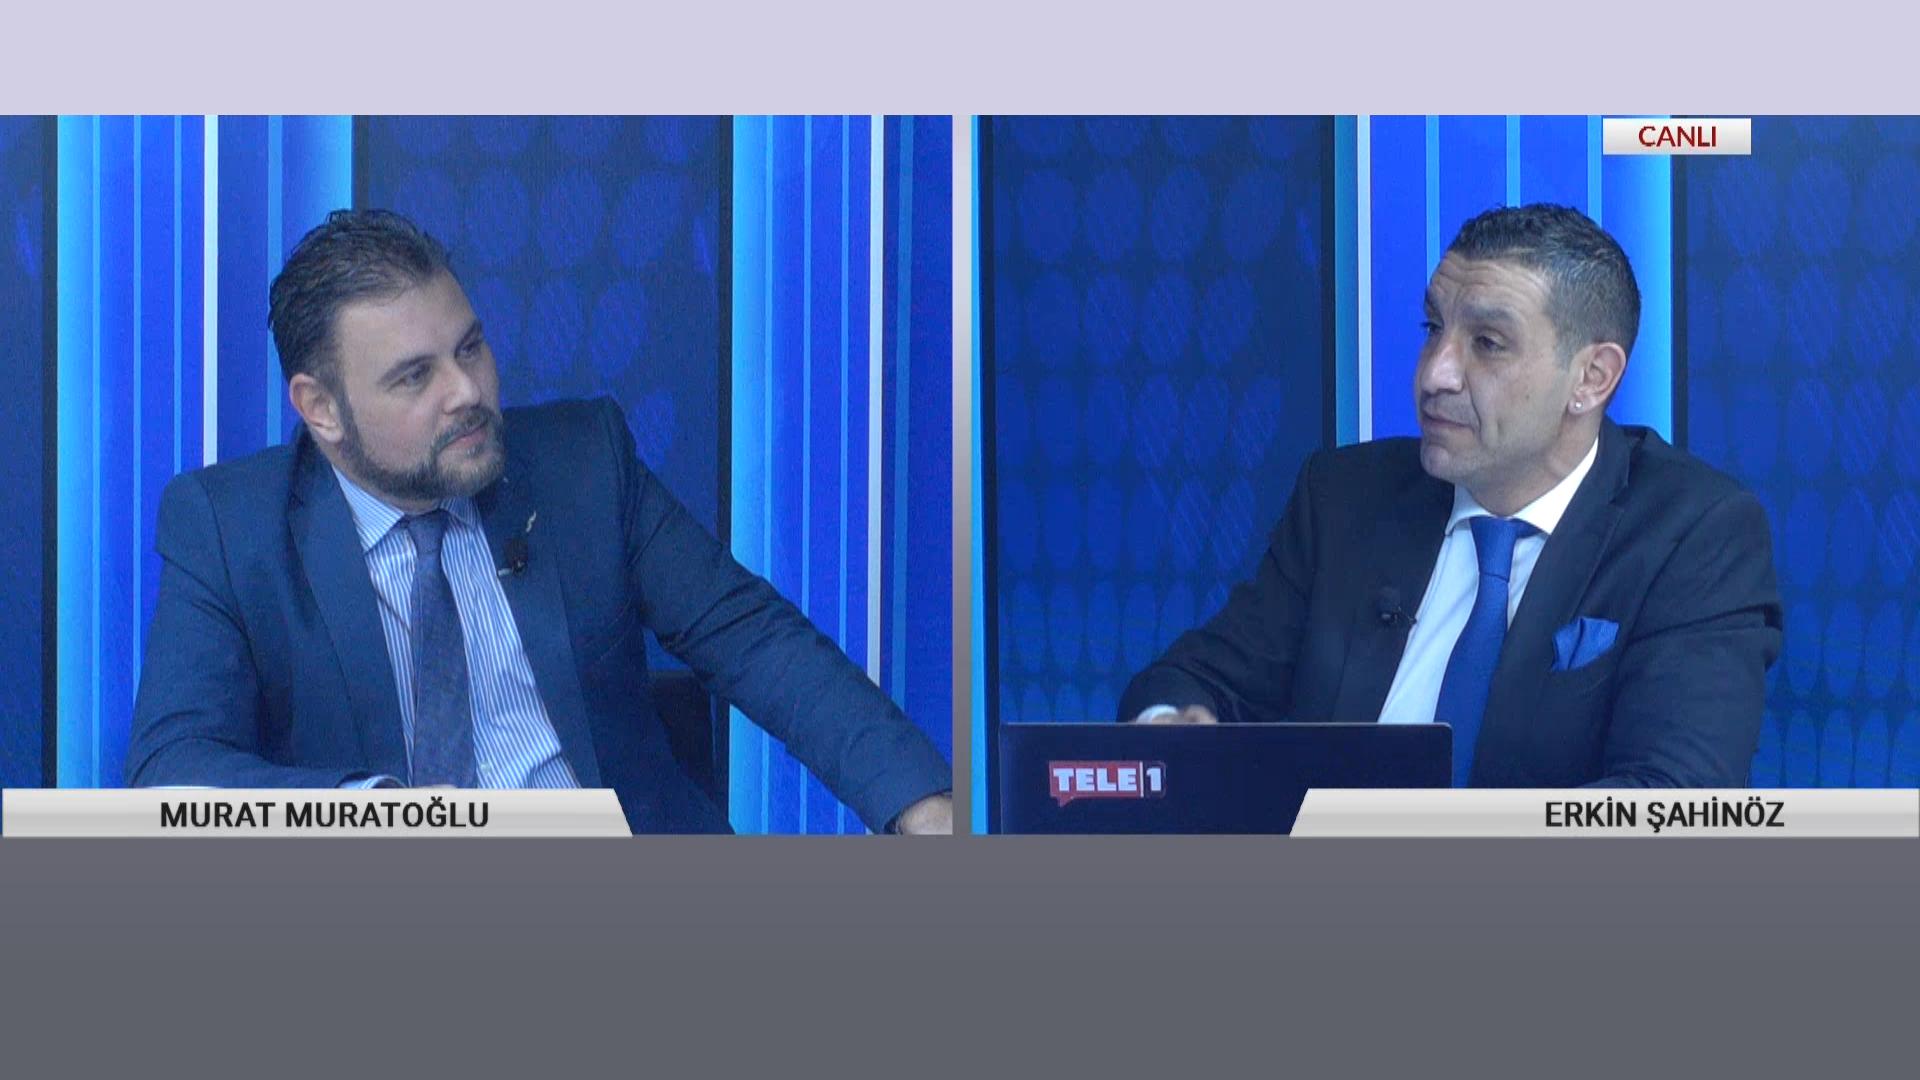 Piyasalarda ne olacak? Murat Muratoğlu ve Erkin Şahinöz yanıtladı!